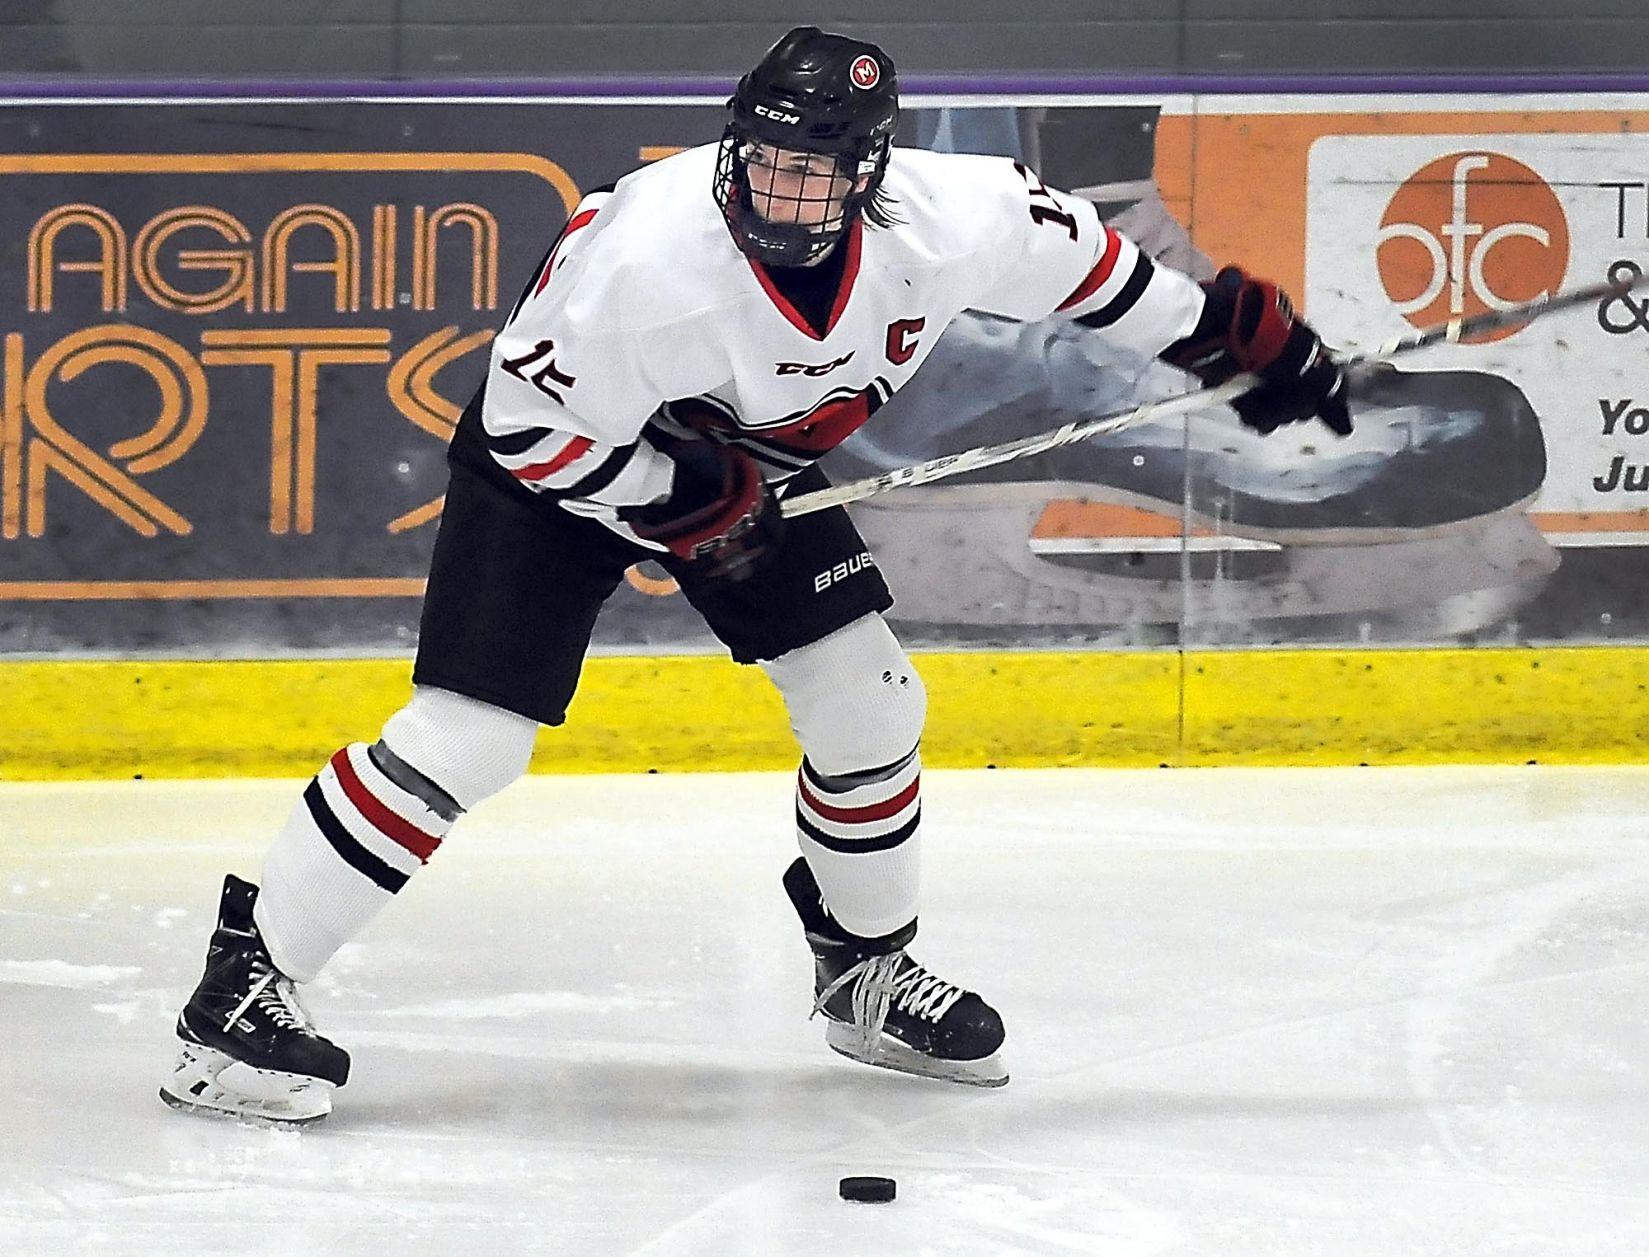 MN H.S.: Junior Hockey Next Stop For Mankato West Defenseman